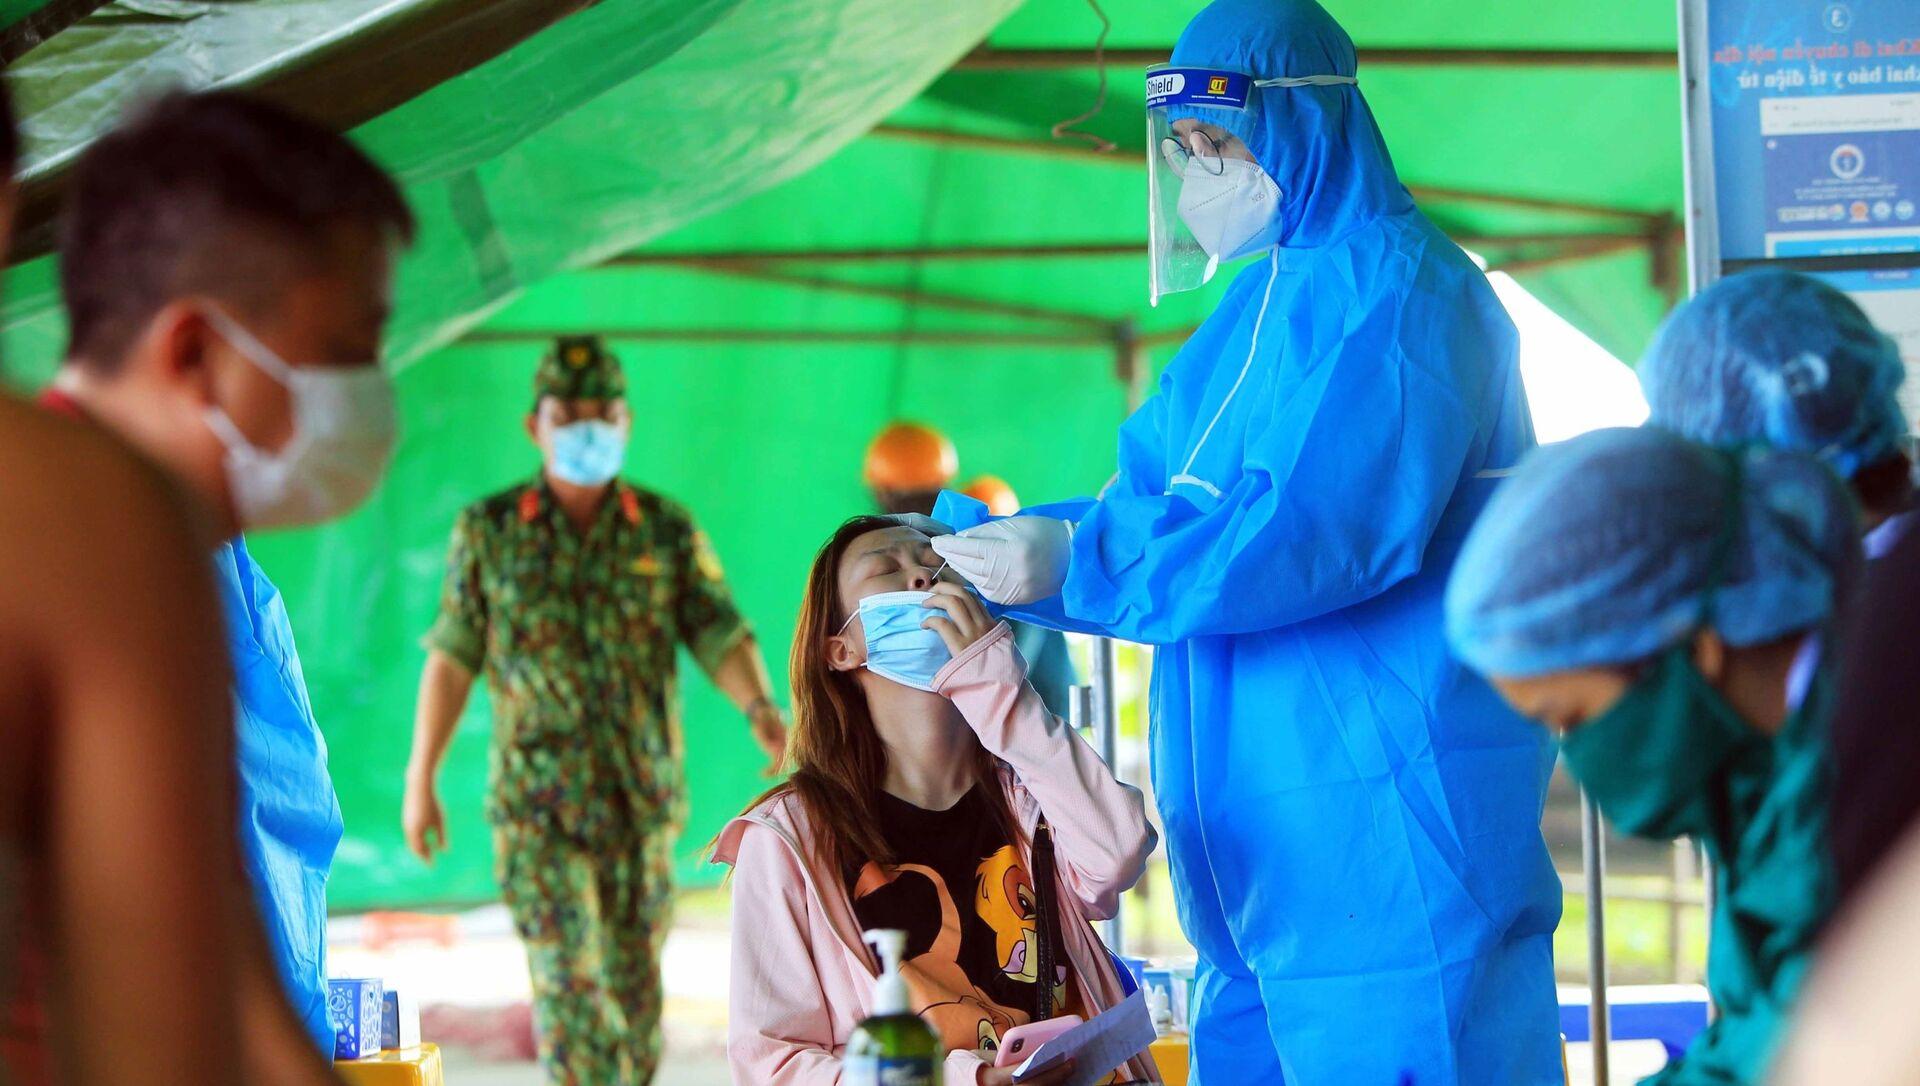 Lực lượng y bác sĩ lấy mẫu xét nghiệm Covid-19 cho các chủ phương tiện và những hành khách tại các điểm chốt . - Sputnik Việt Nam, 1920, 09.07.2021